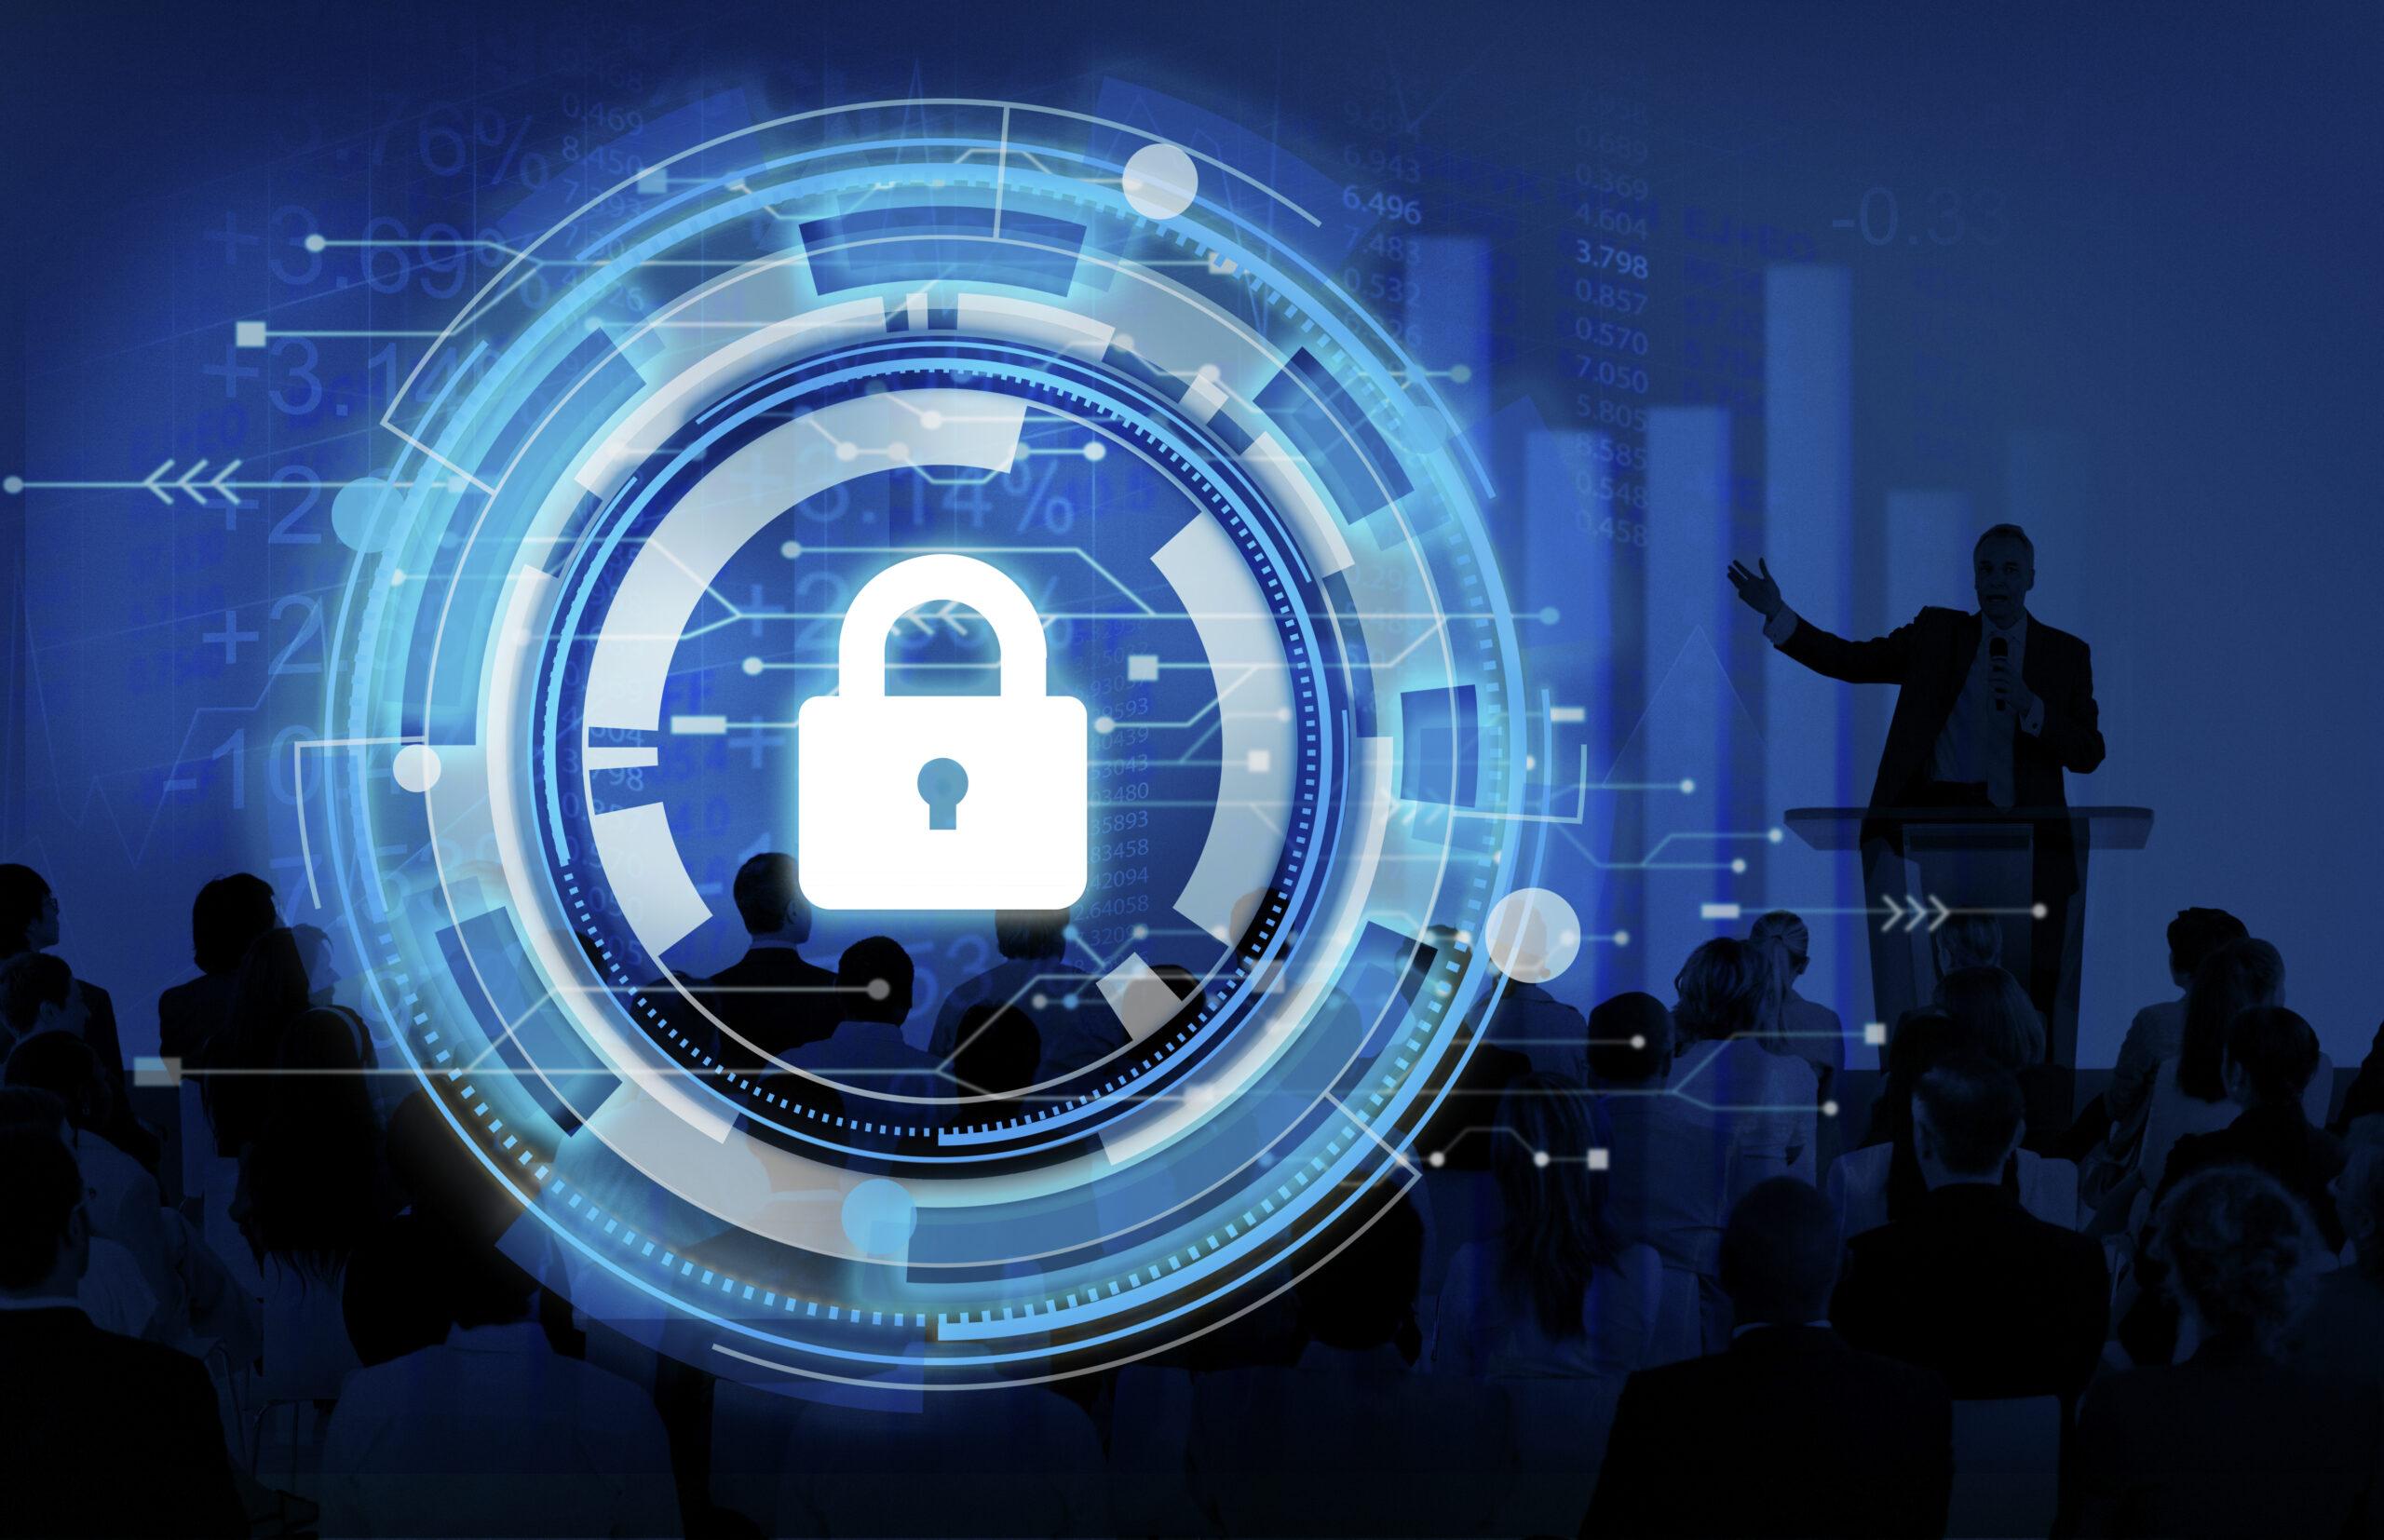 64964 1 scaled - La importancia de encriptar tus equipos de trabajo para evitar robos